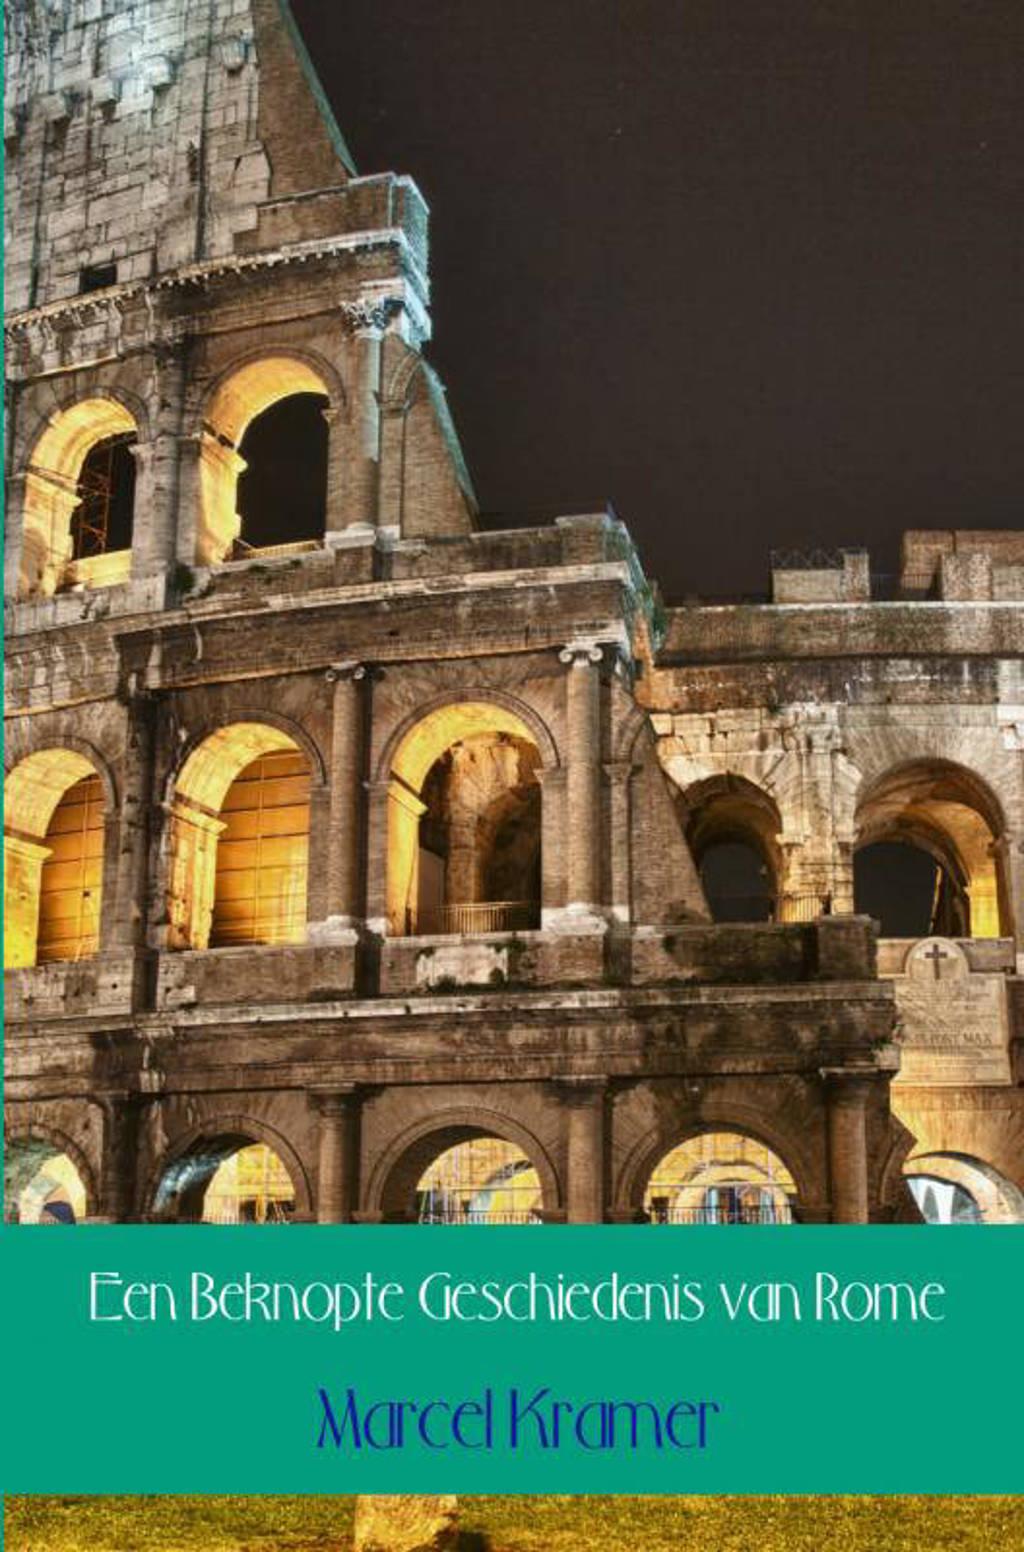 Een Beknopte Geschiedenis van Rome - Marcel Kramer